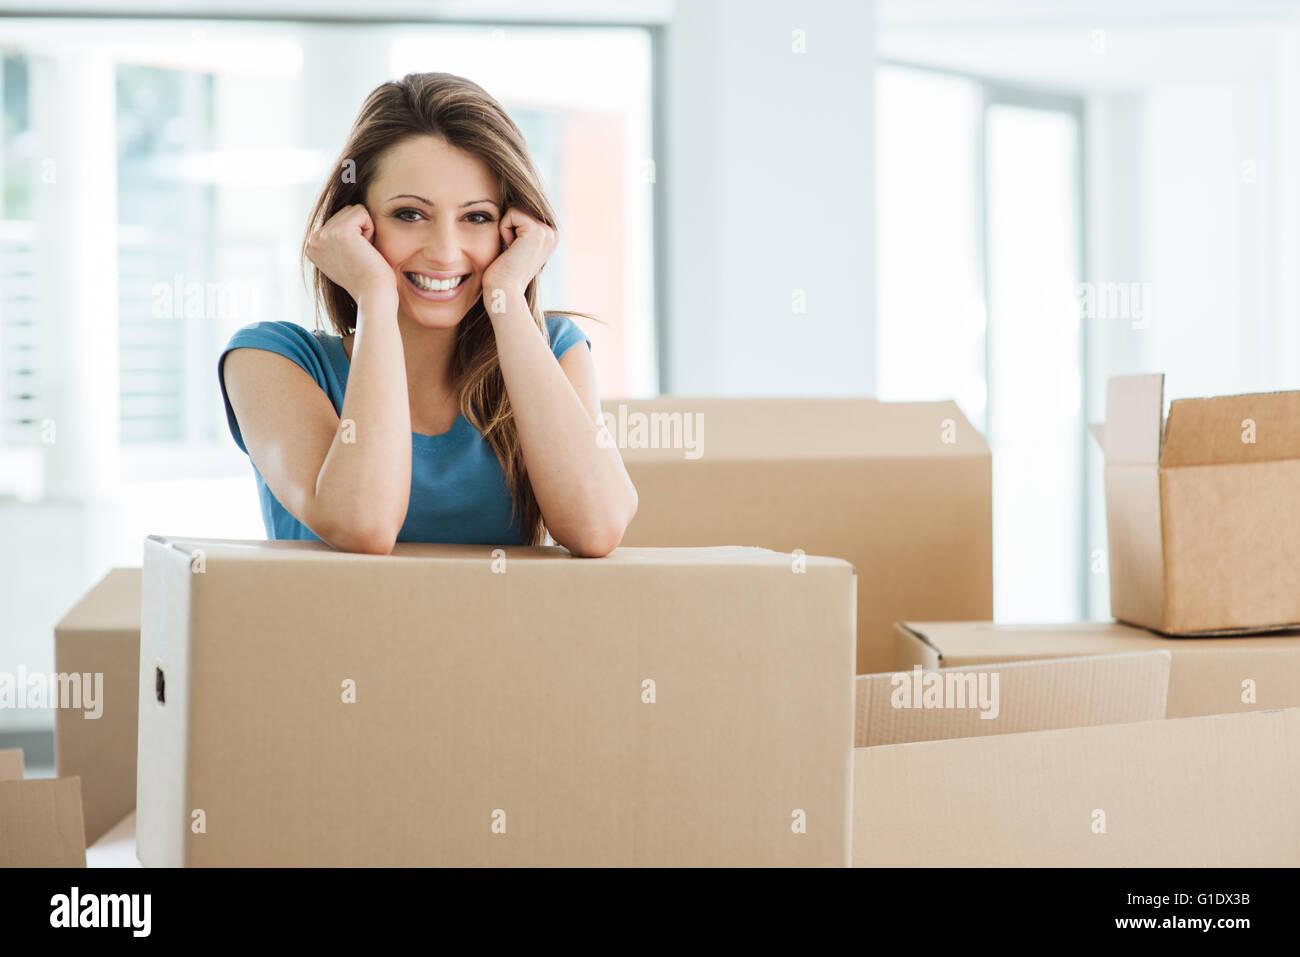 Lächelnde junge Frau bewegt sich in ihrem neuen Haus und stützte sich auf einen Karton Stockbild